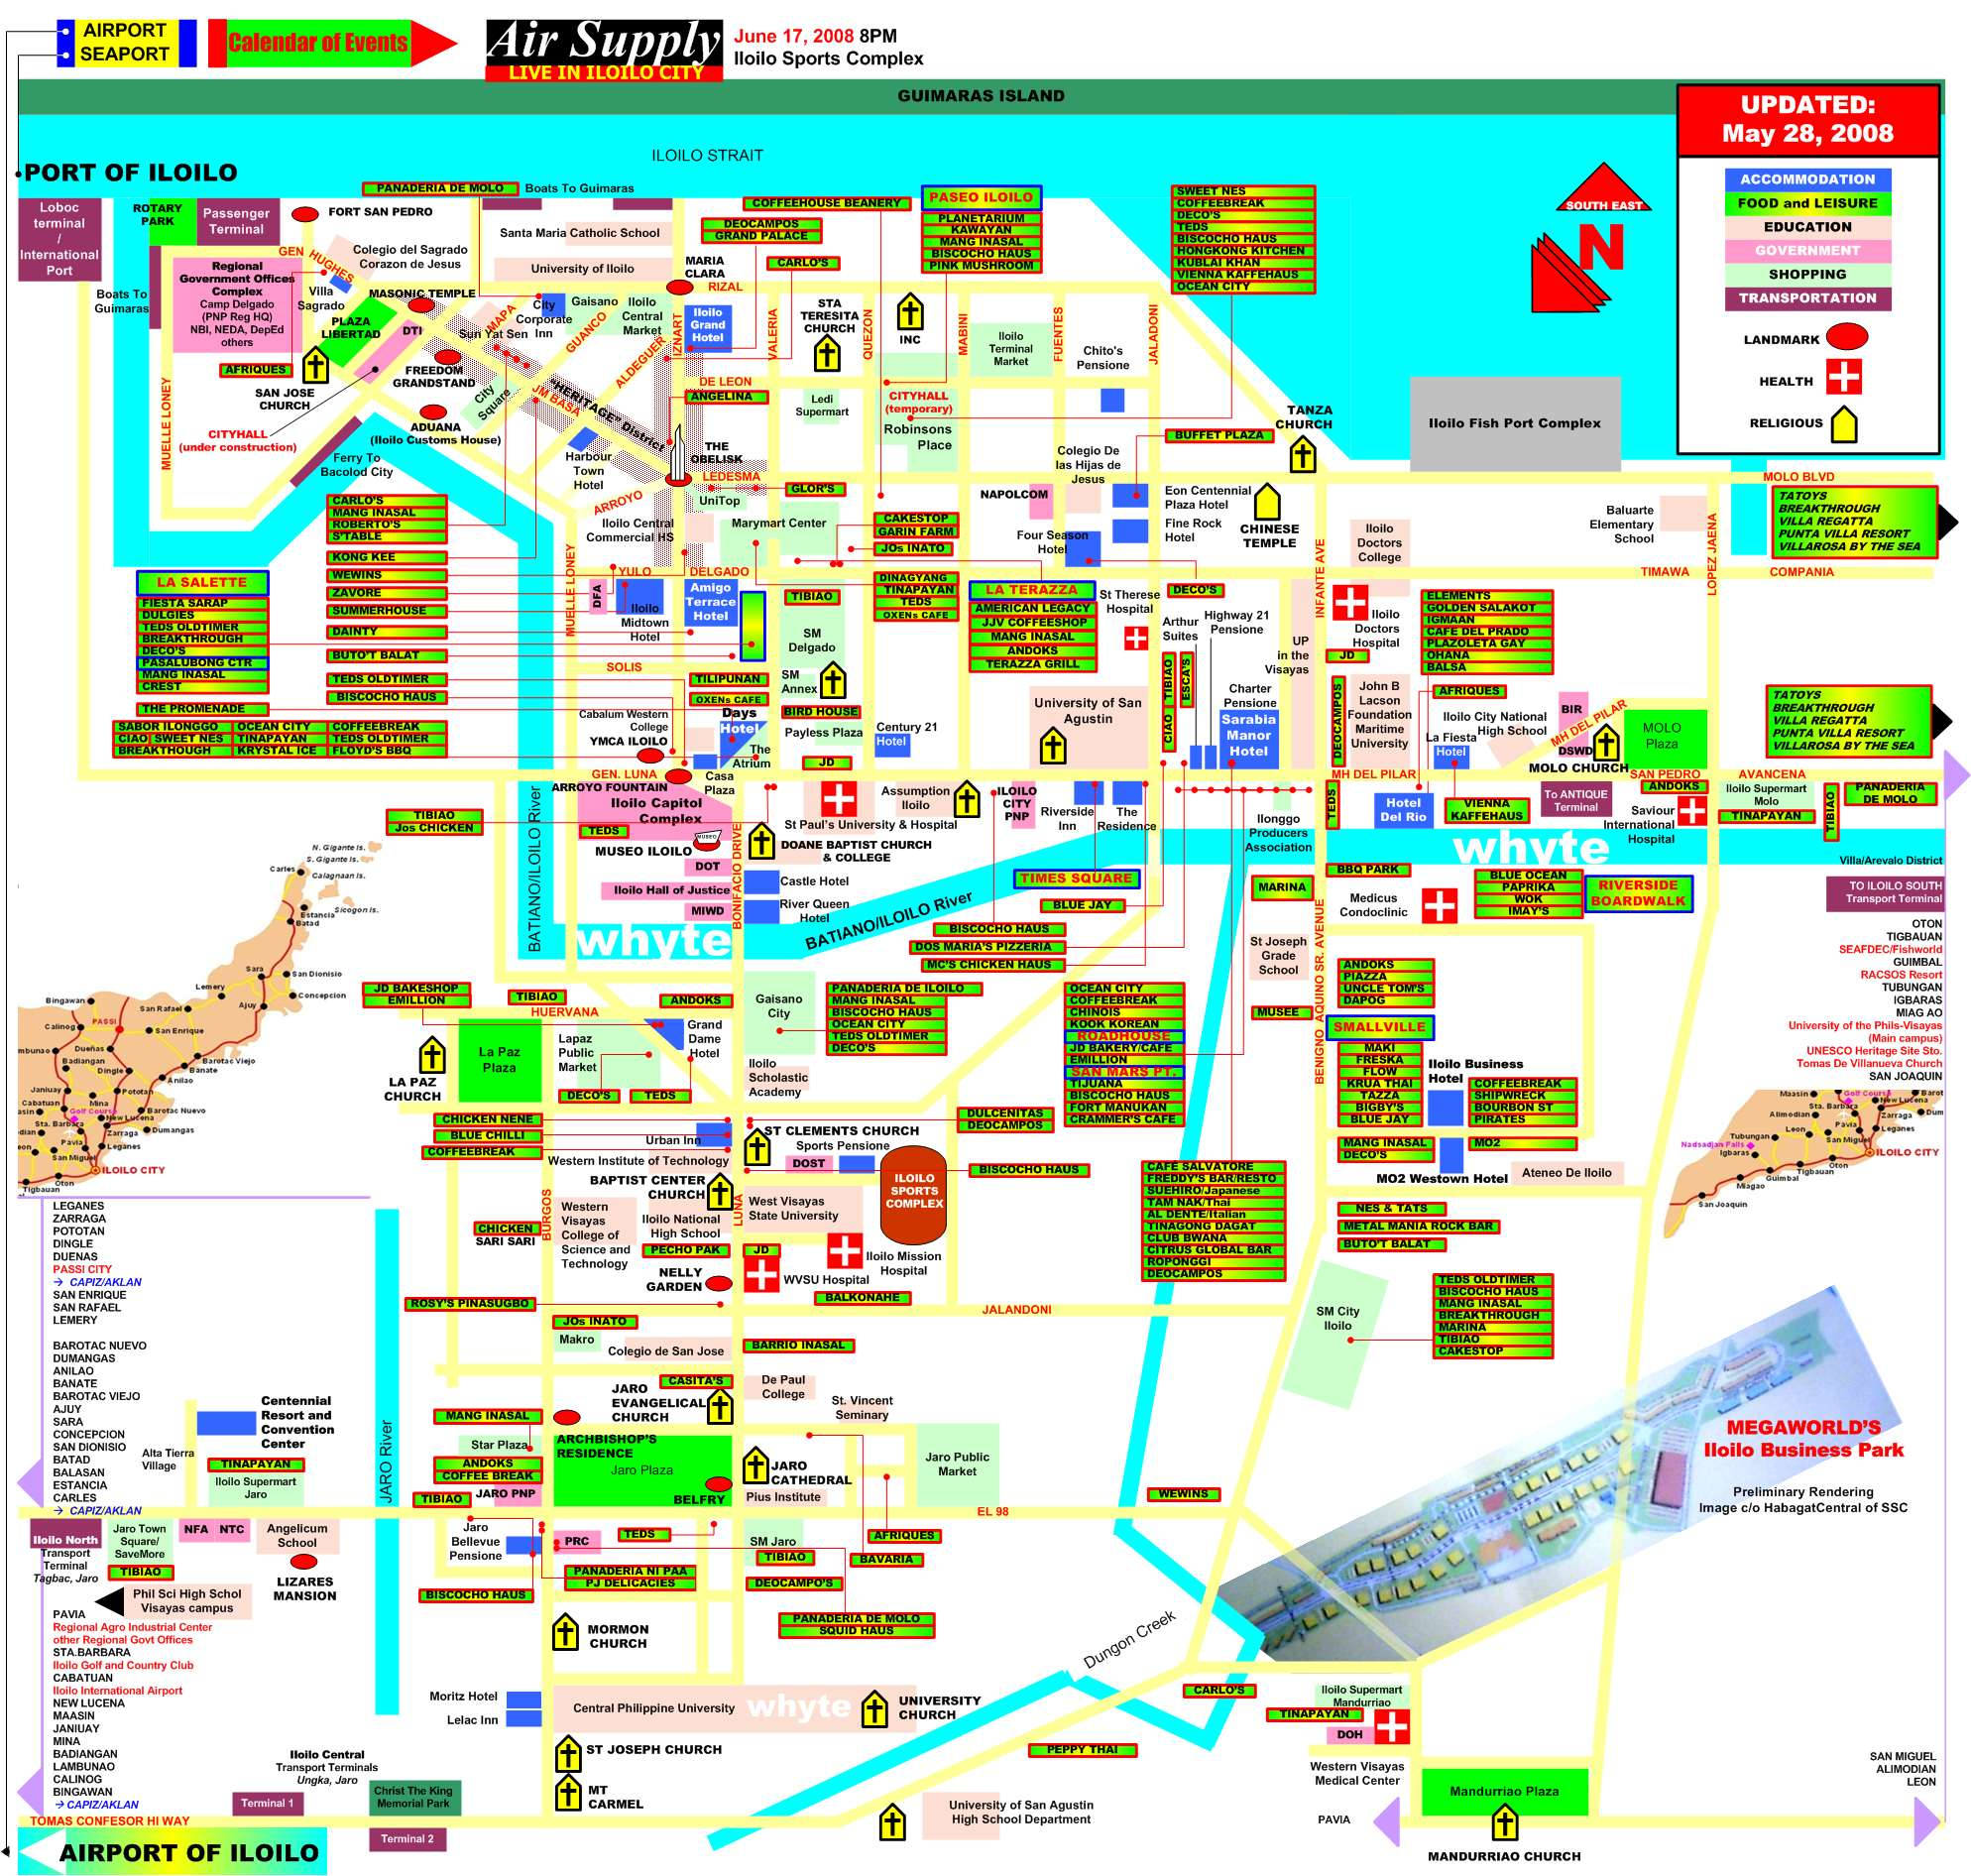 Iloilo City Map Iloilo Phillippines Mappery - Iloilo city map